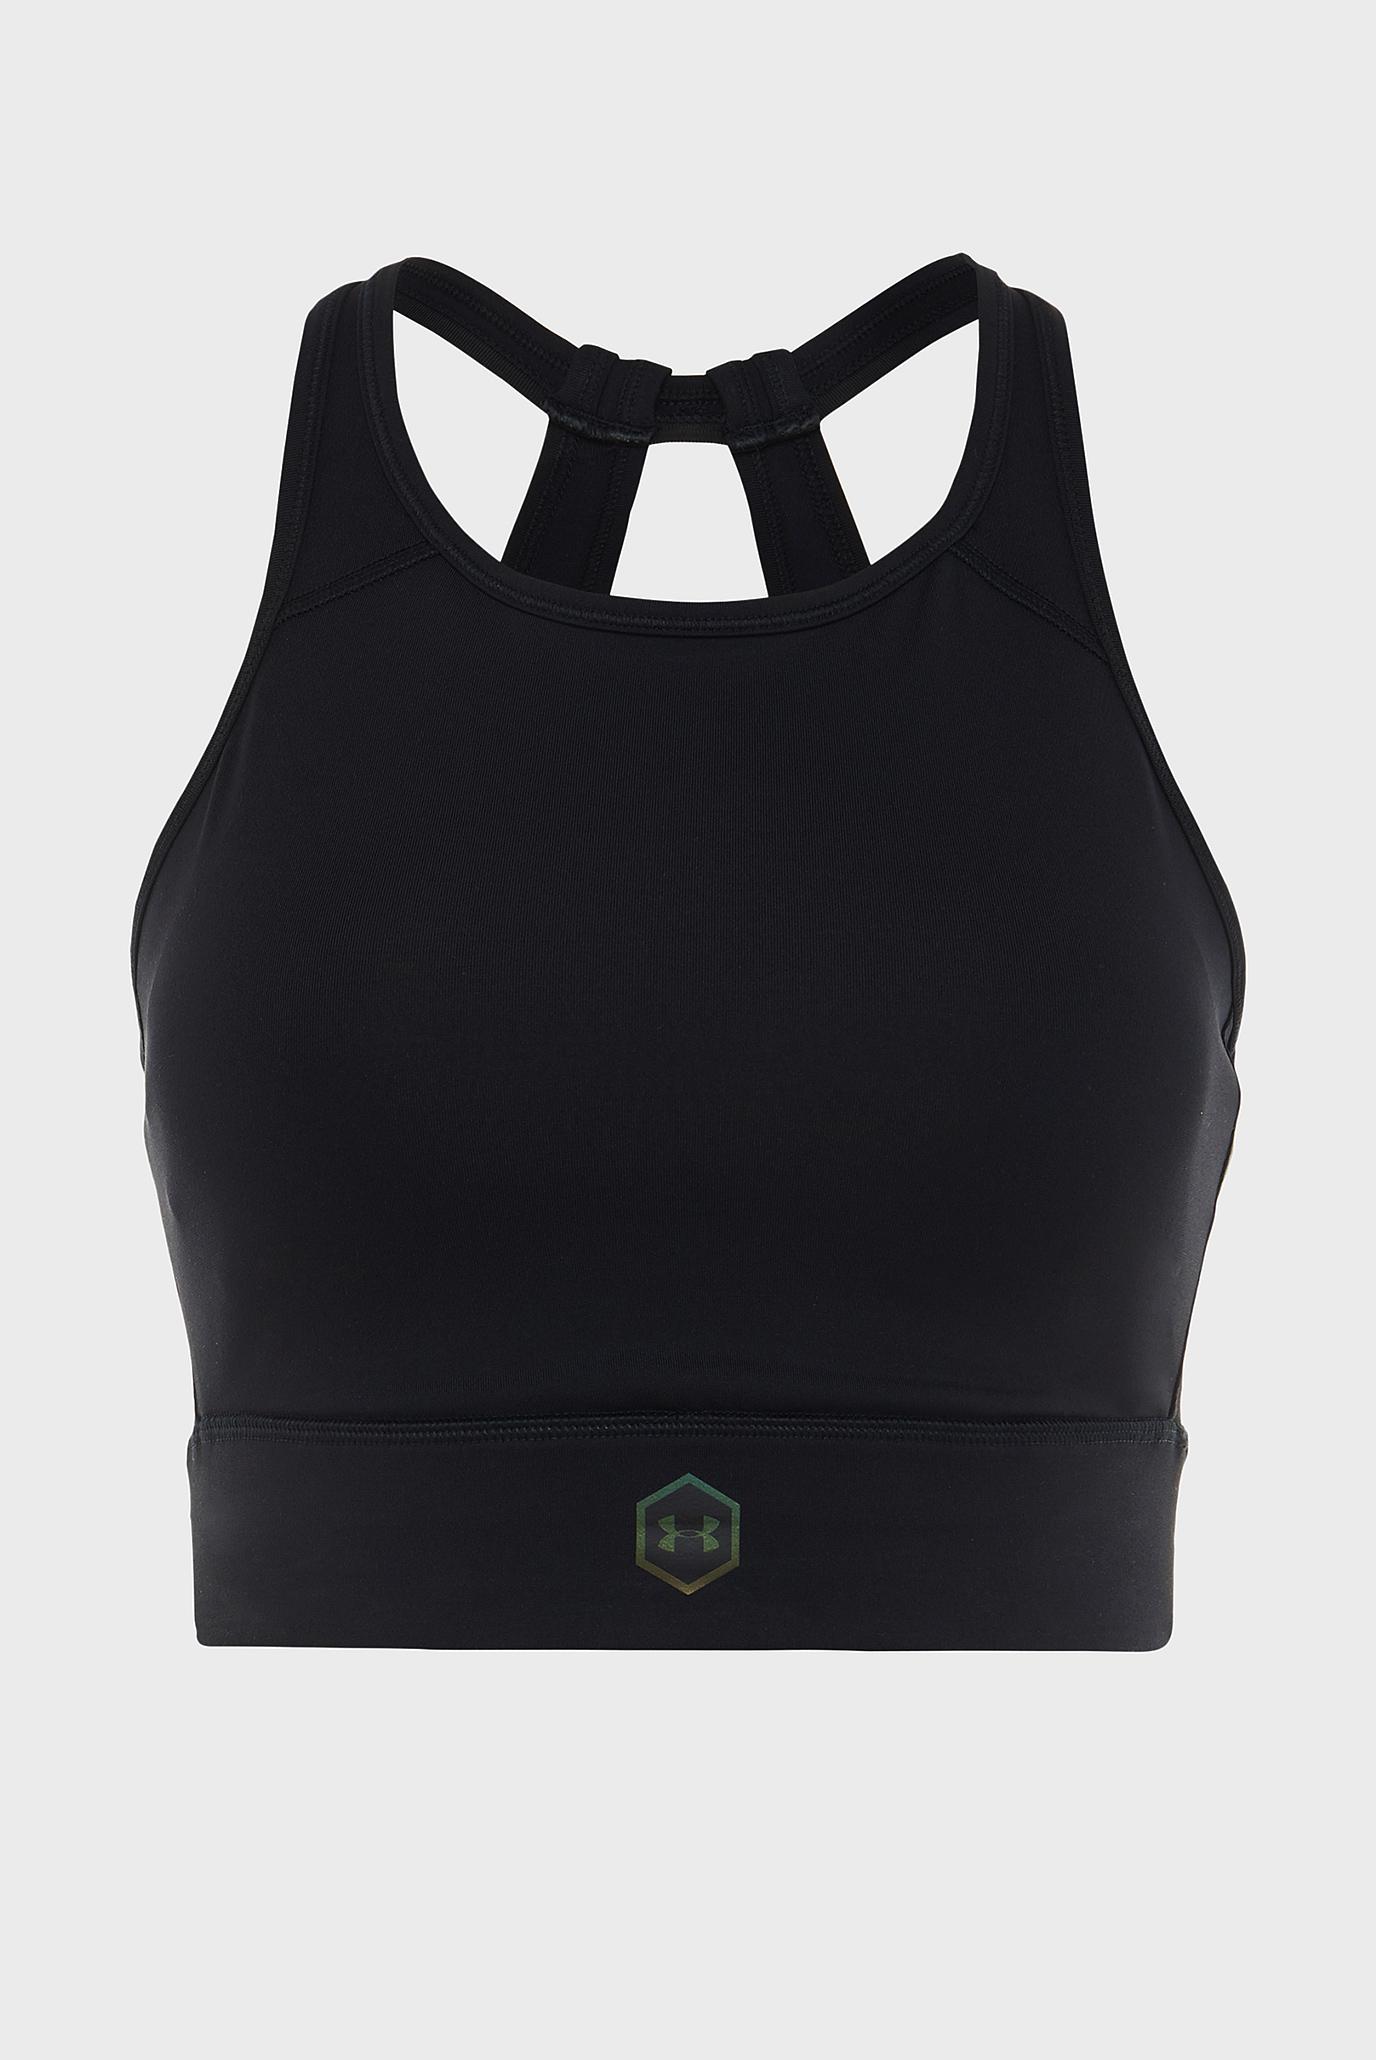 Купить Женское черное спортивное бра UA Rush Under Armour Under Armour 1332483-001 – Киев, Украина. Цены в интернет магазине MD Fashion